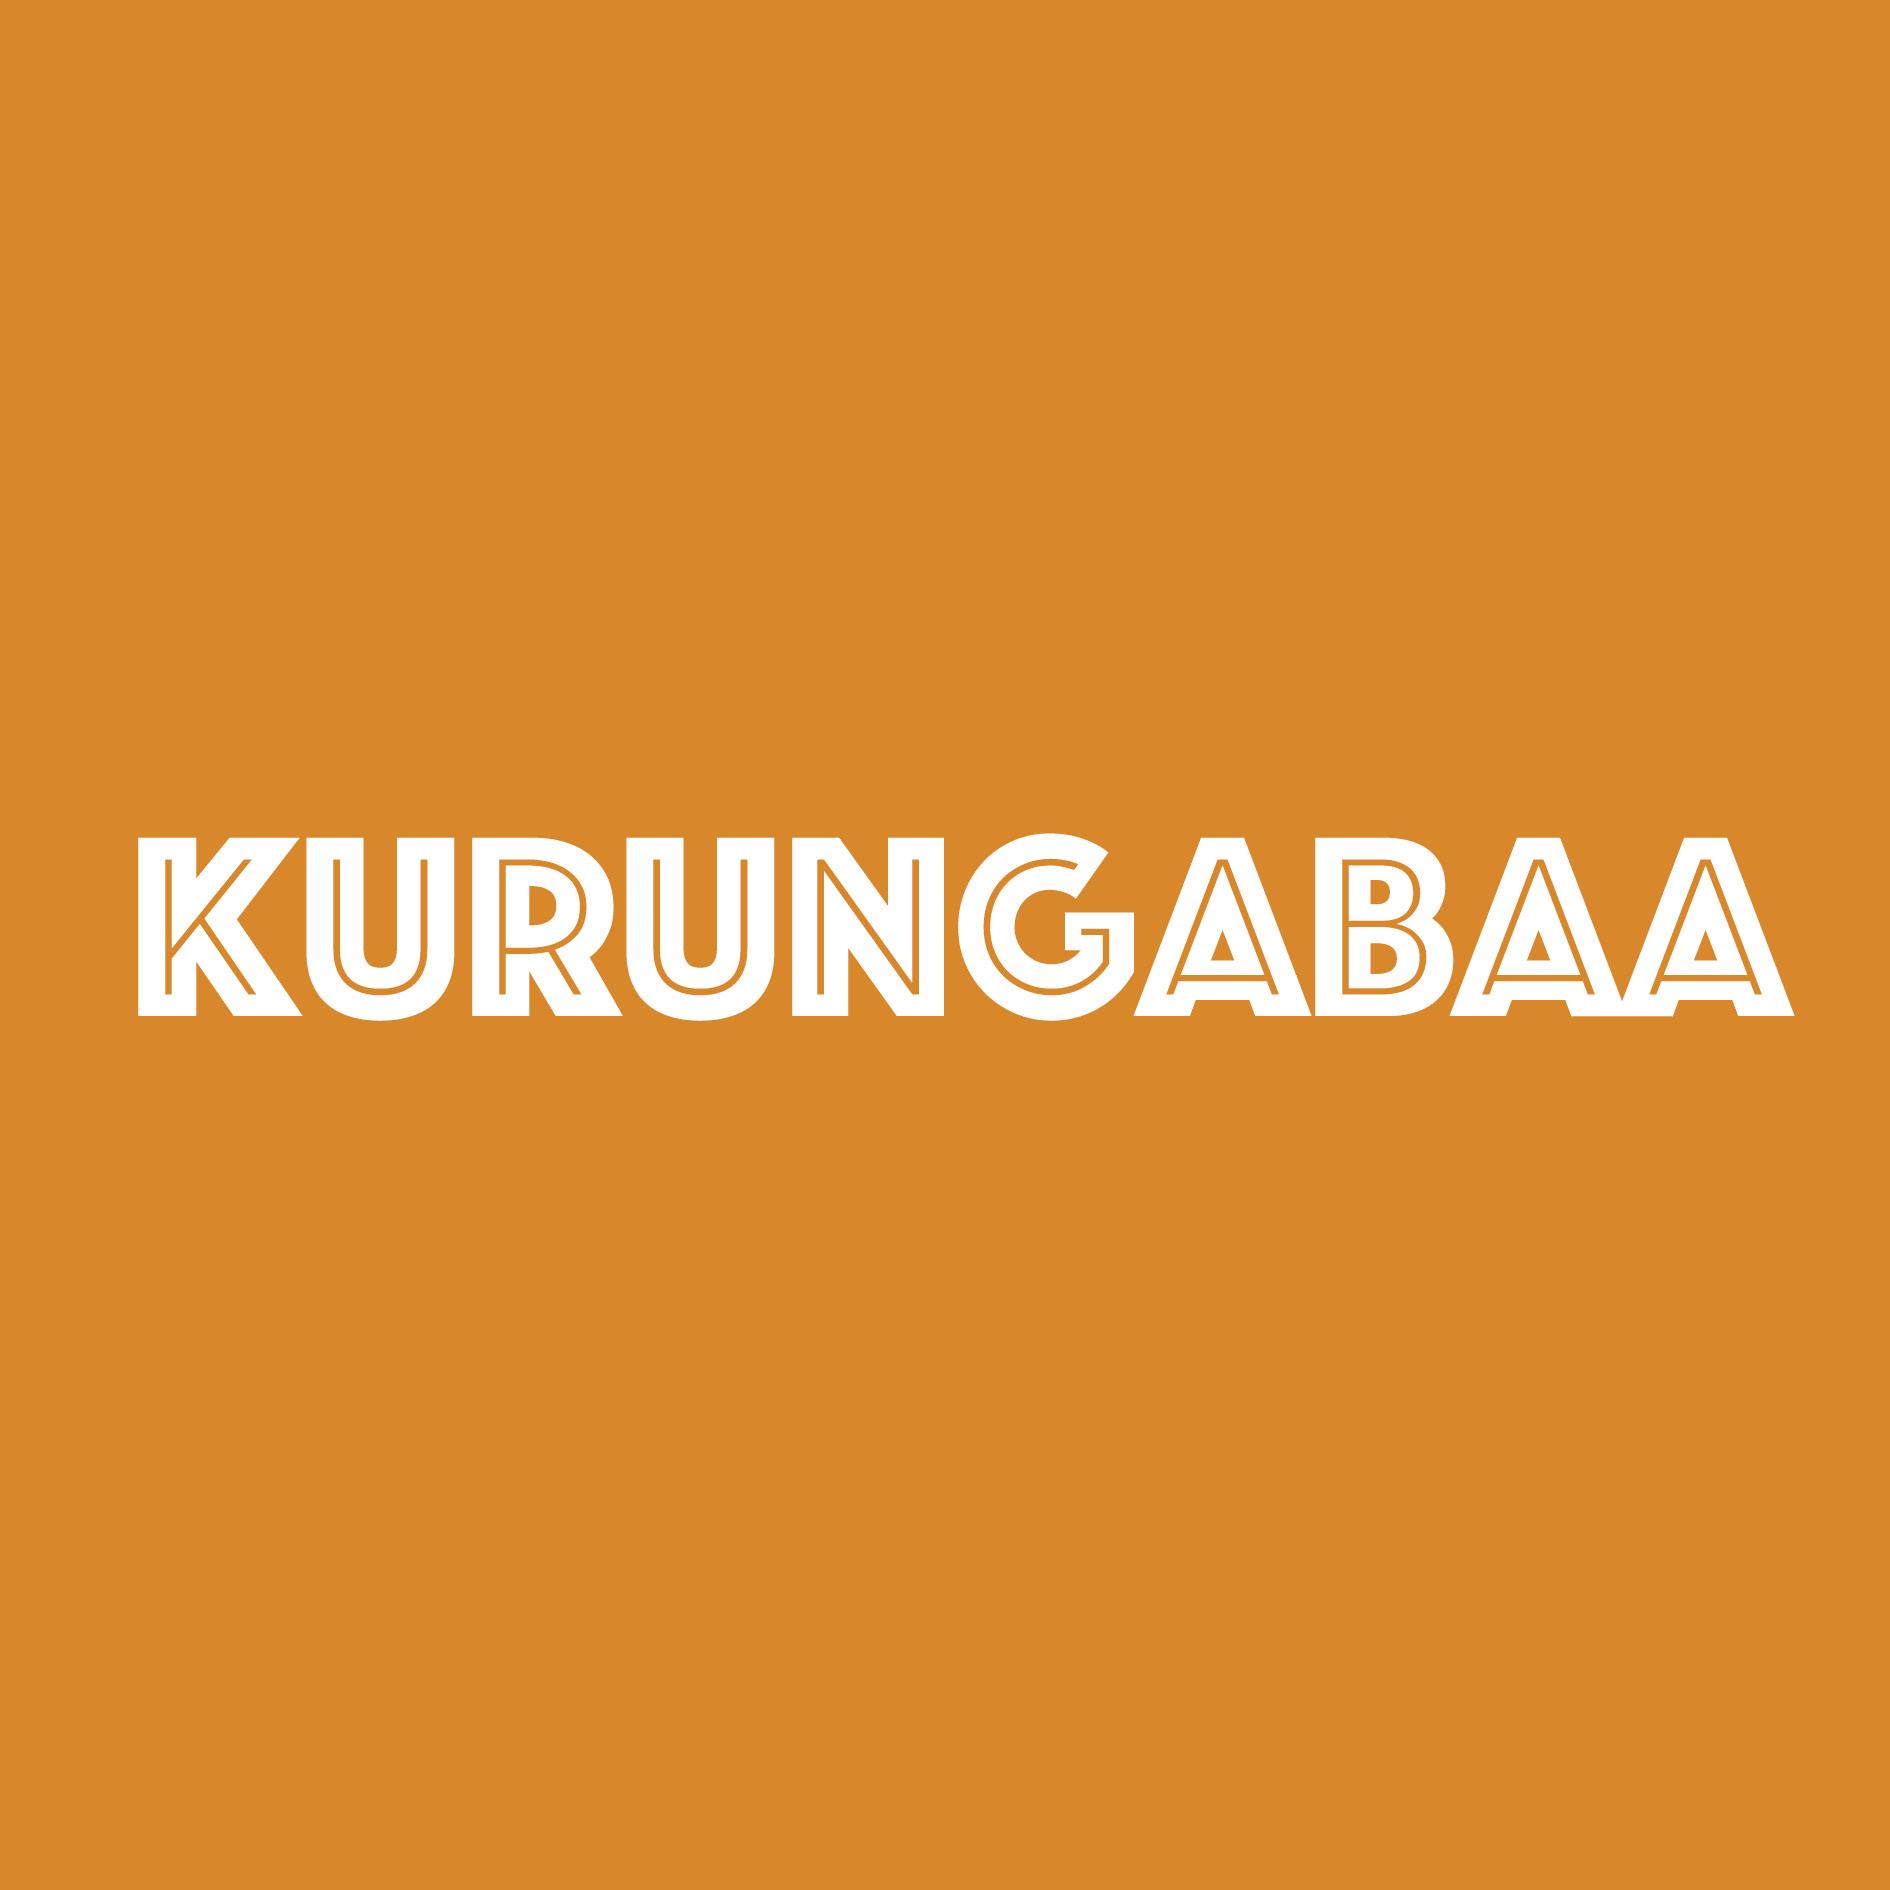 Kurungabaa.jpg